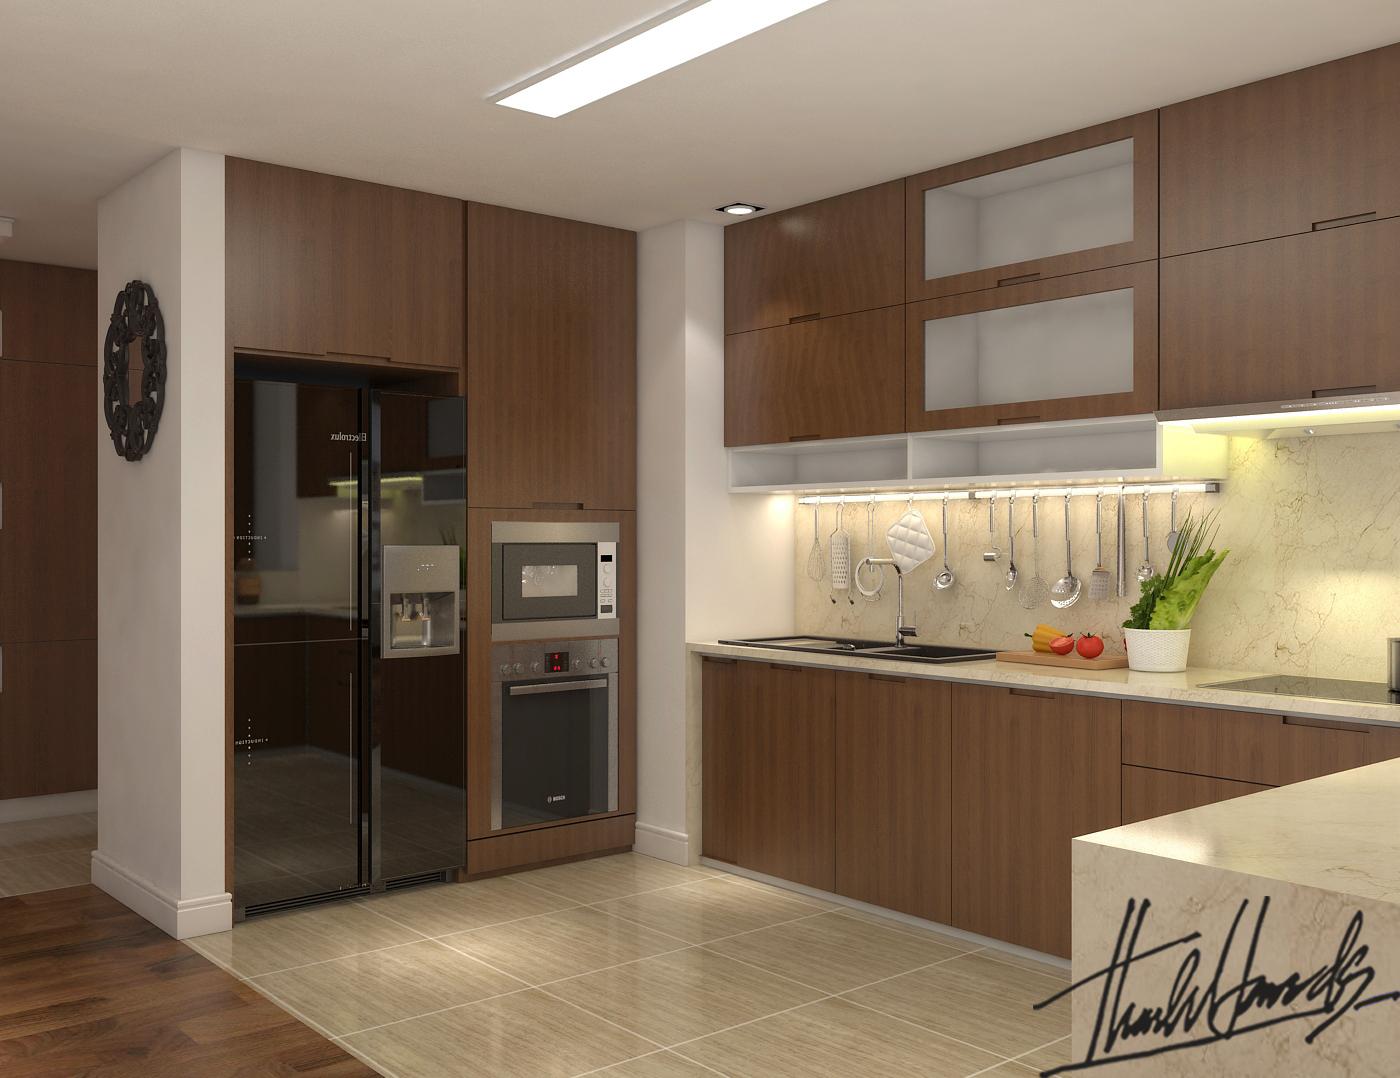 thiết kế nội thất chung cư tại Hà Nội chung cư roya city 5 1568274323